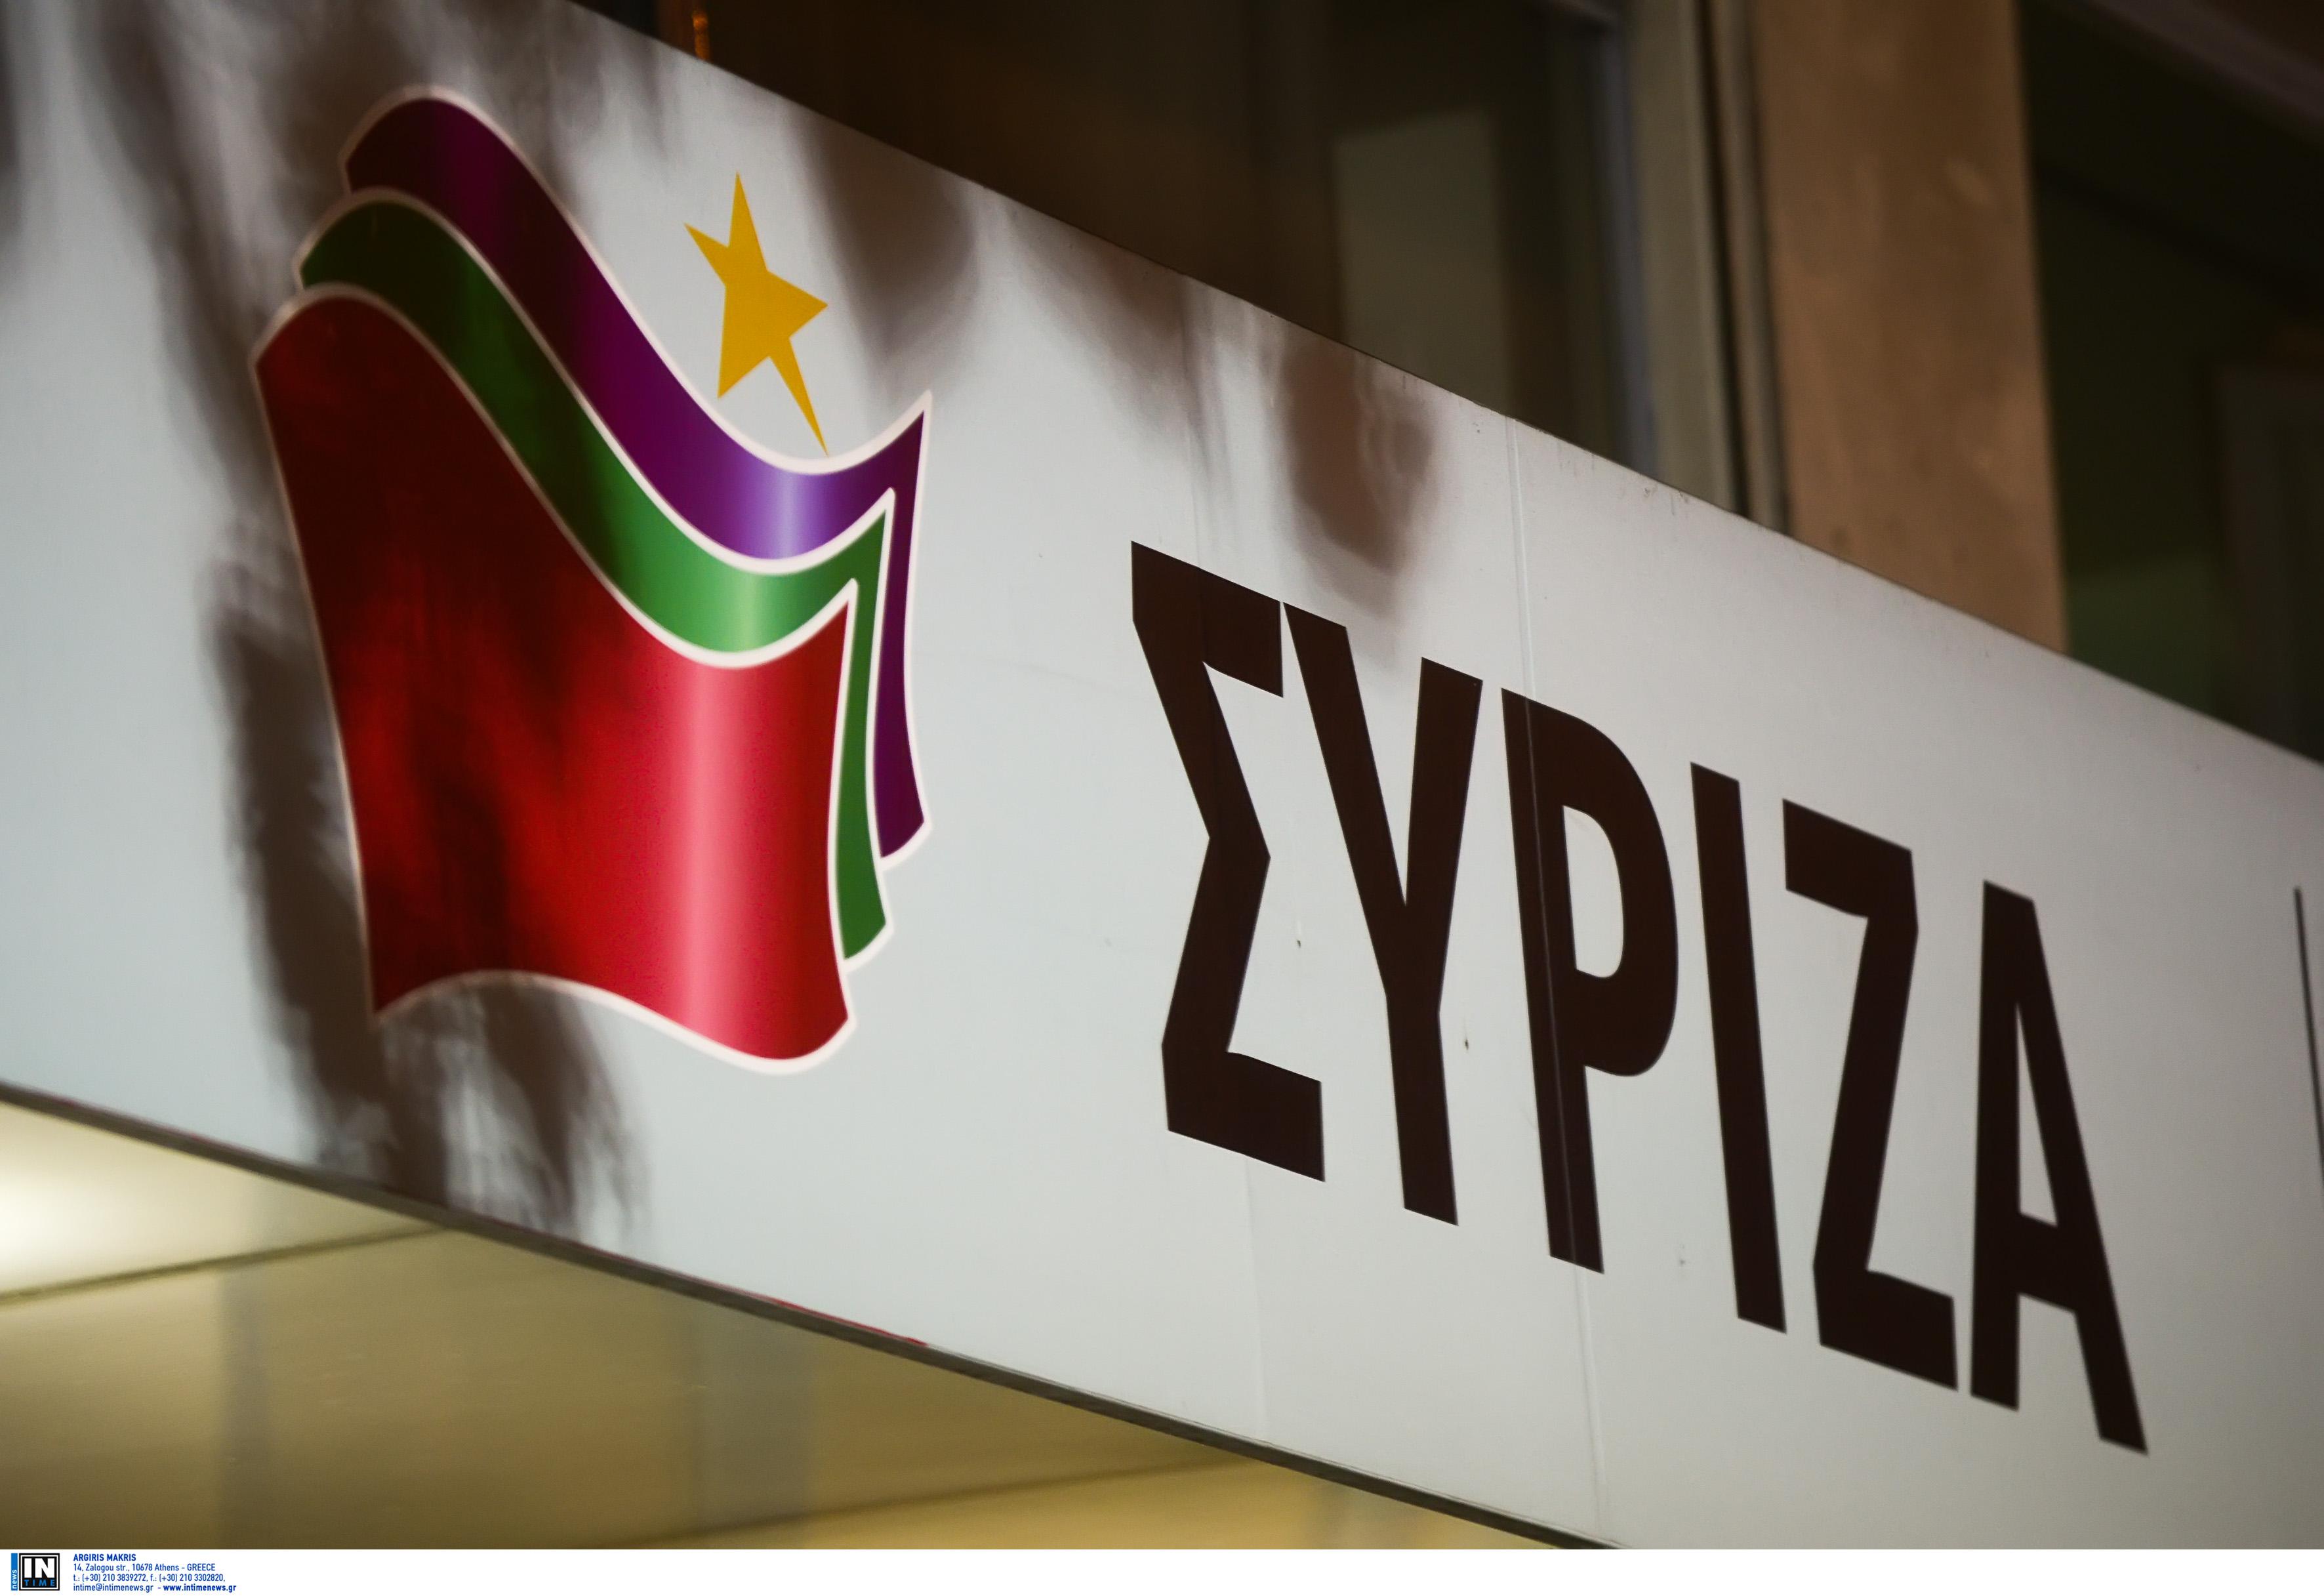 ΣΥΡΙΖΑ: Απαράδεκτη η διαμαρτυρία-κατάληψη των γραφείων από ενστόλους   tovima.gr